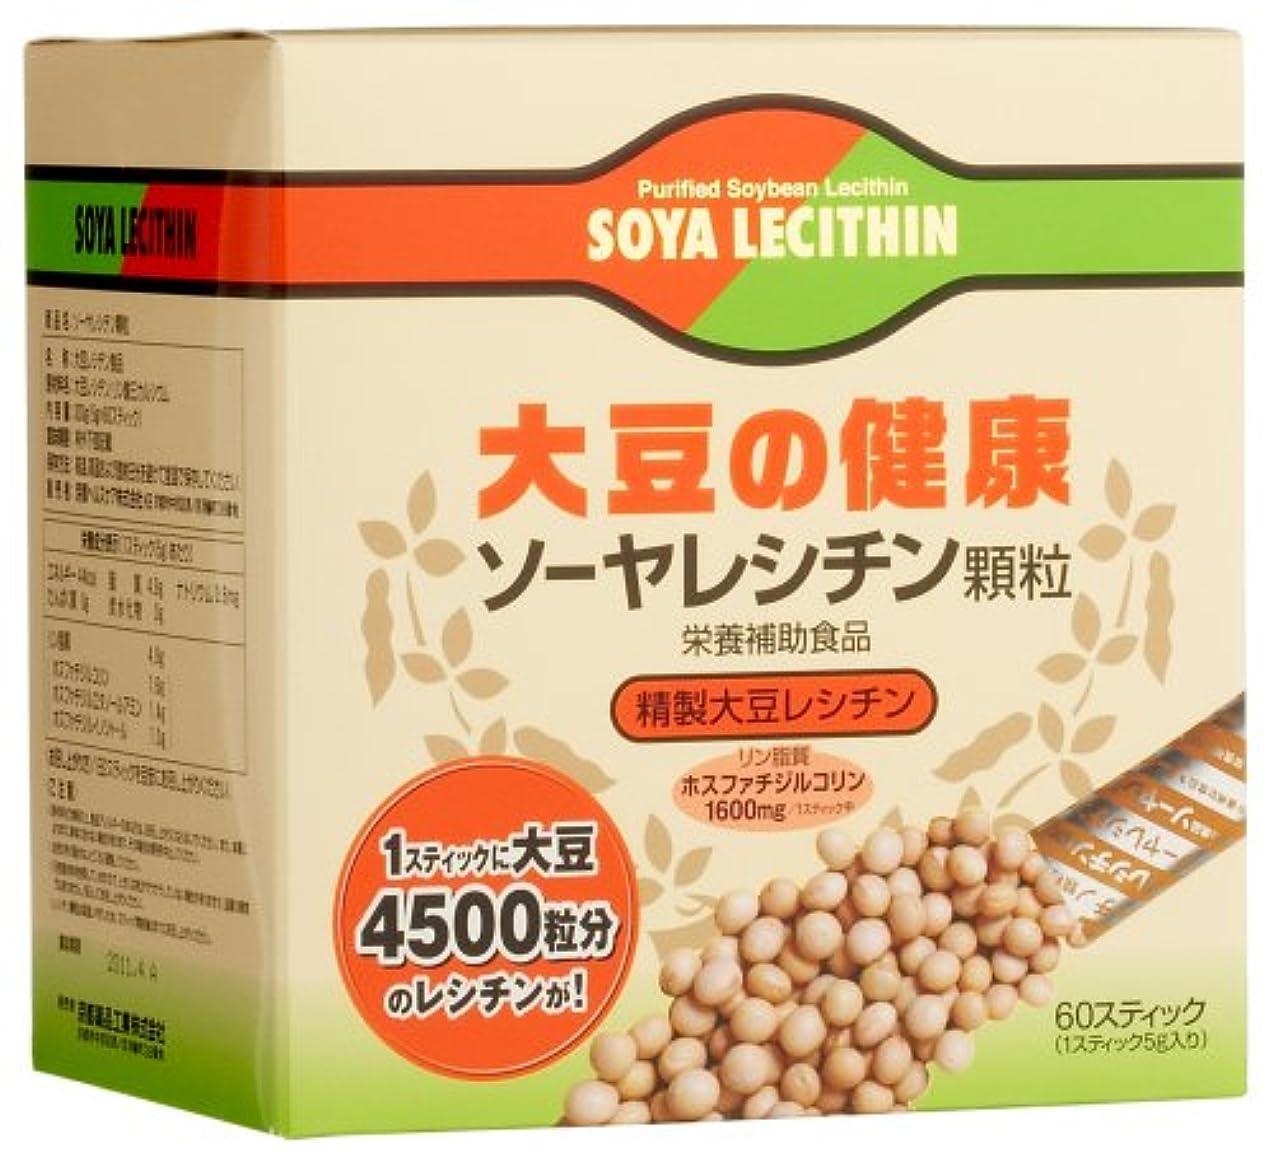 文明化注文一致するソーヤレシチン顆粒 60包